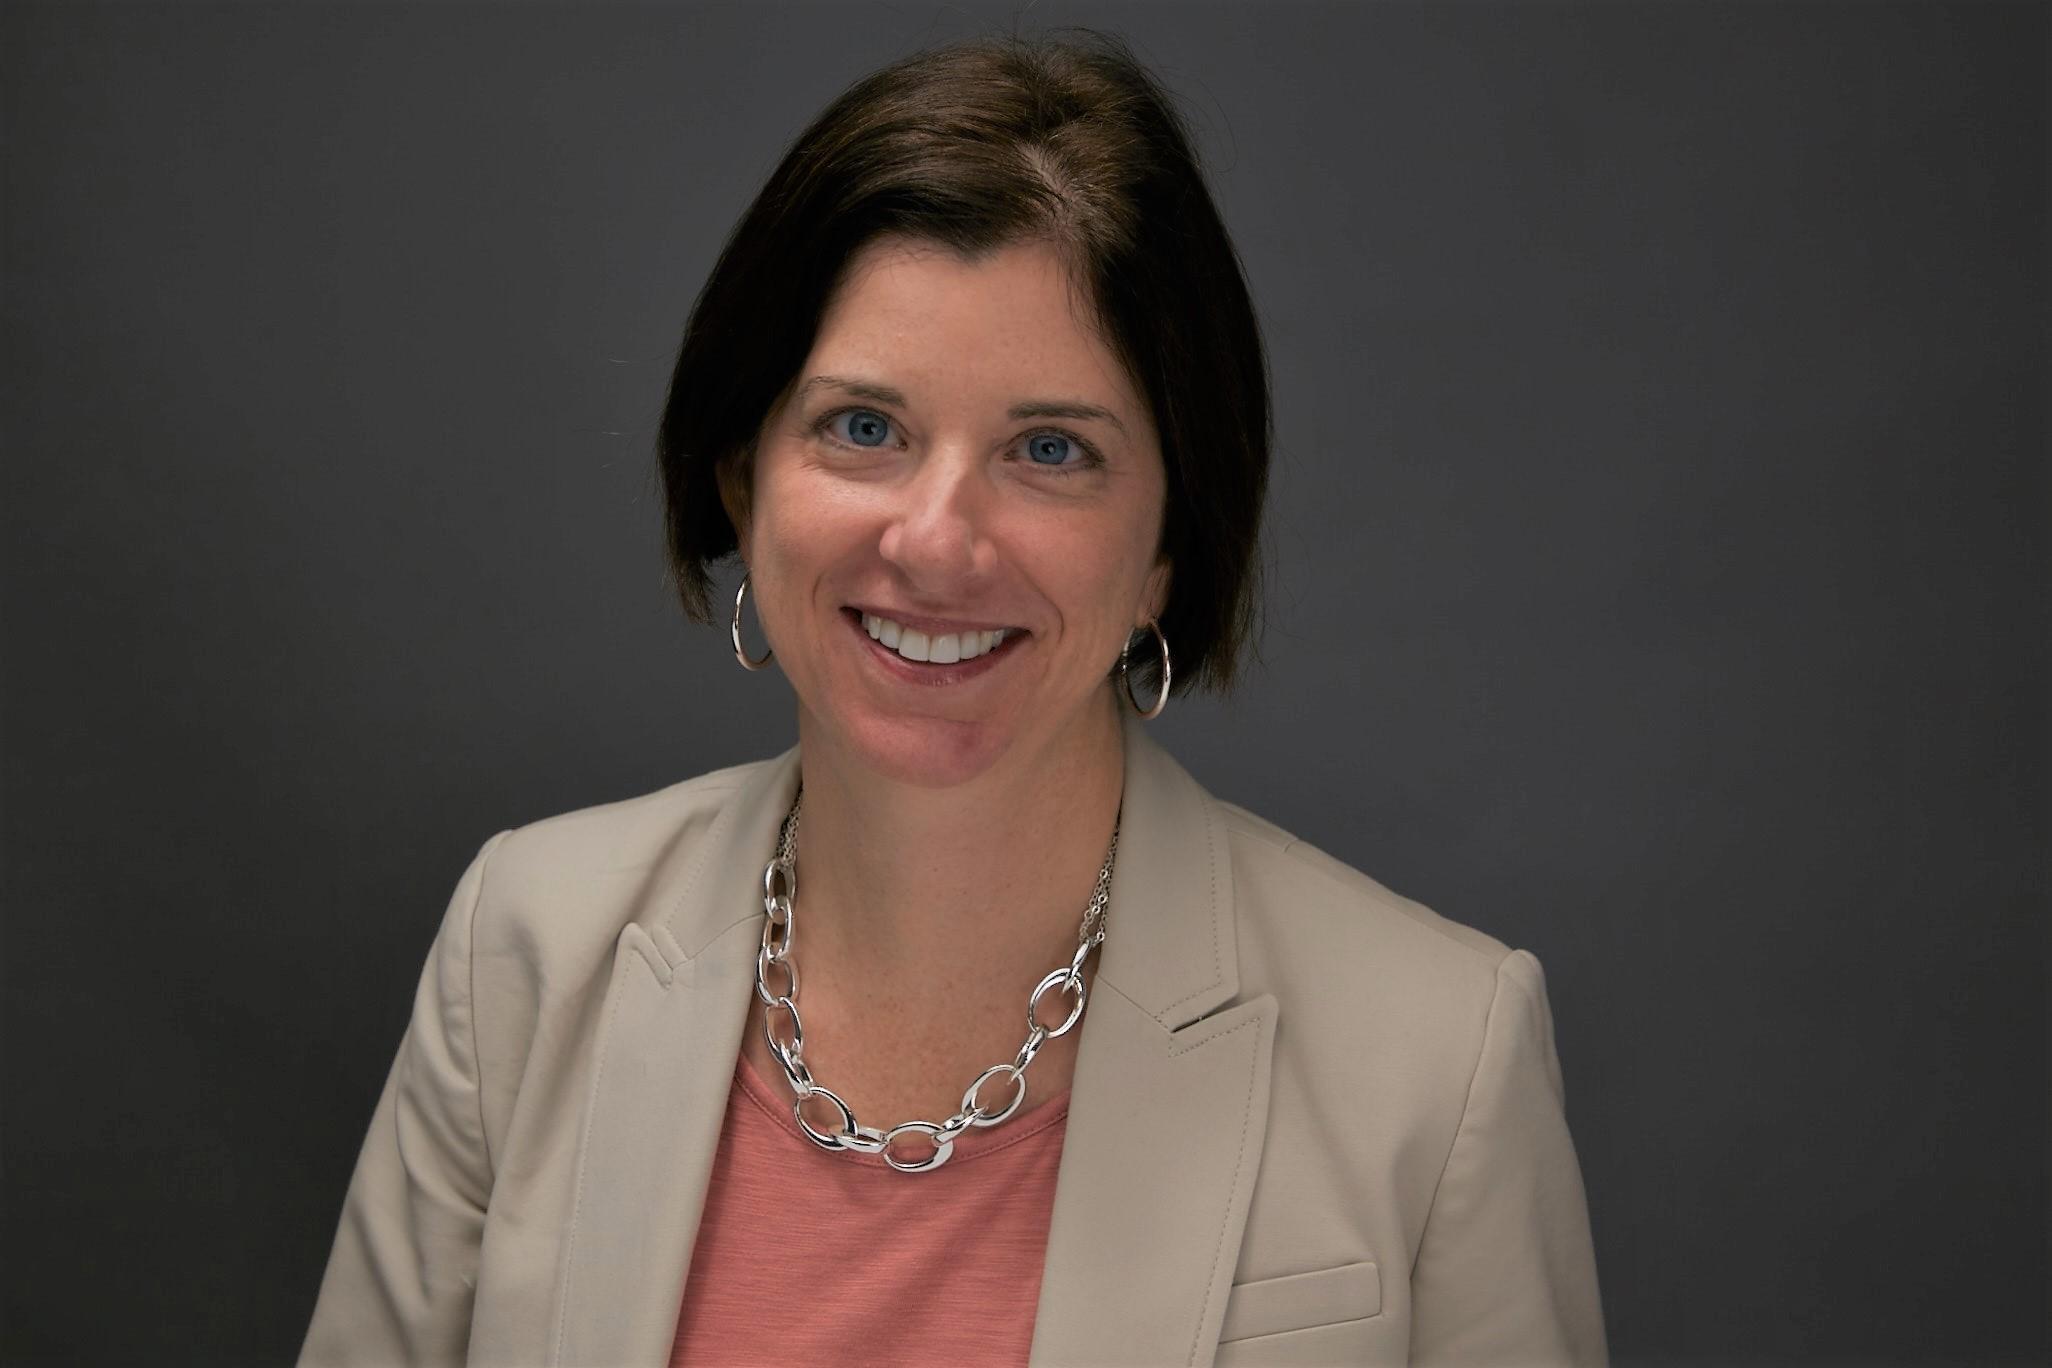 Rebecca Rohr